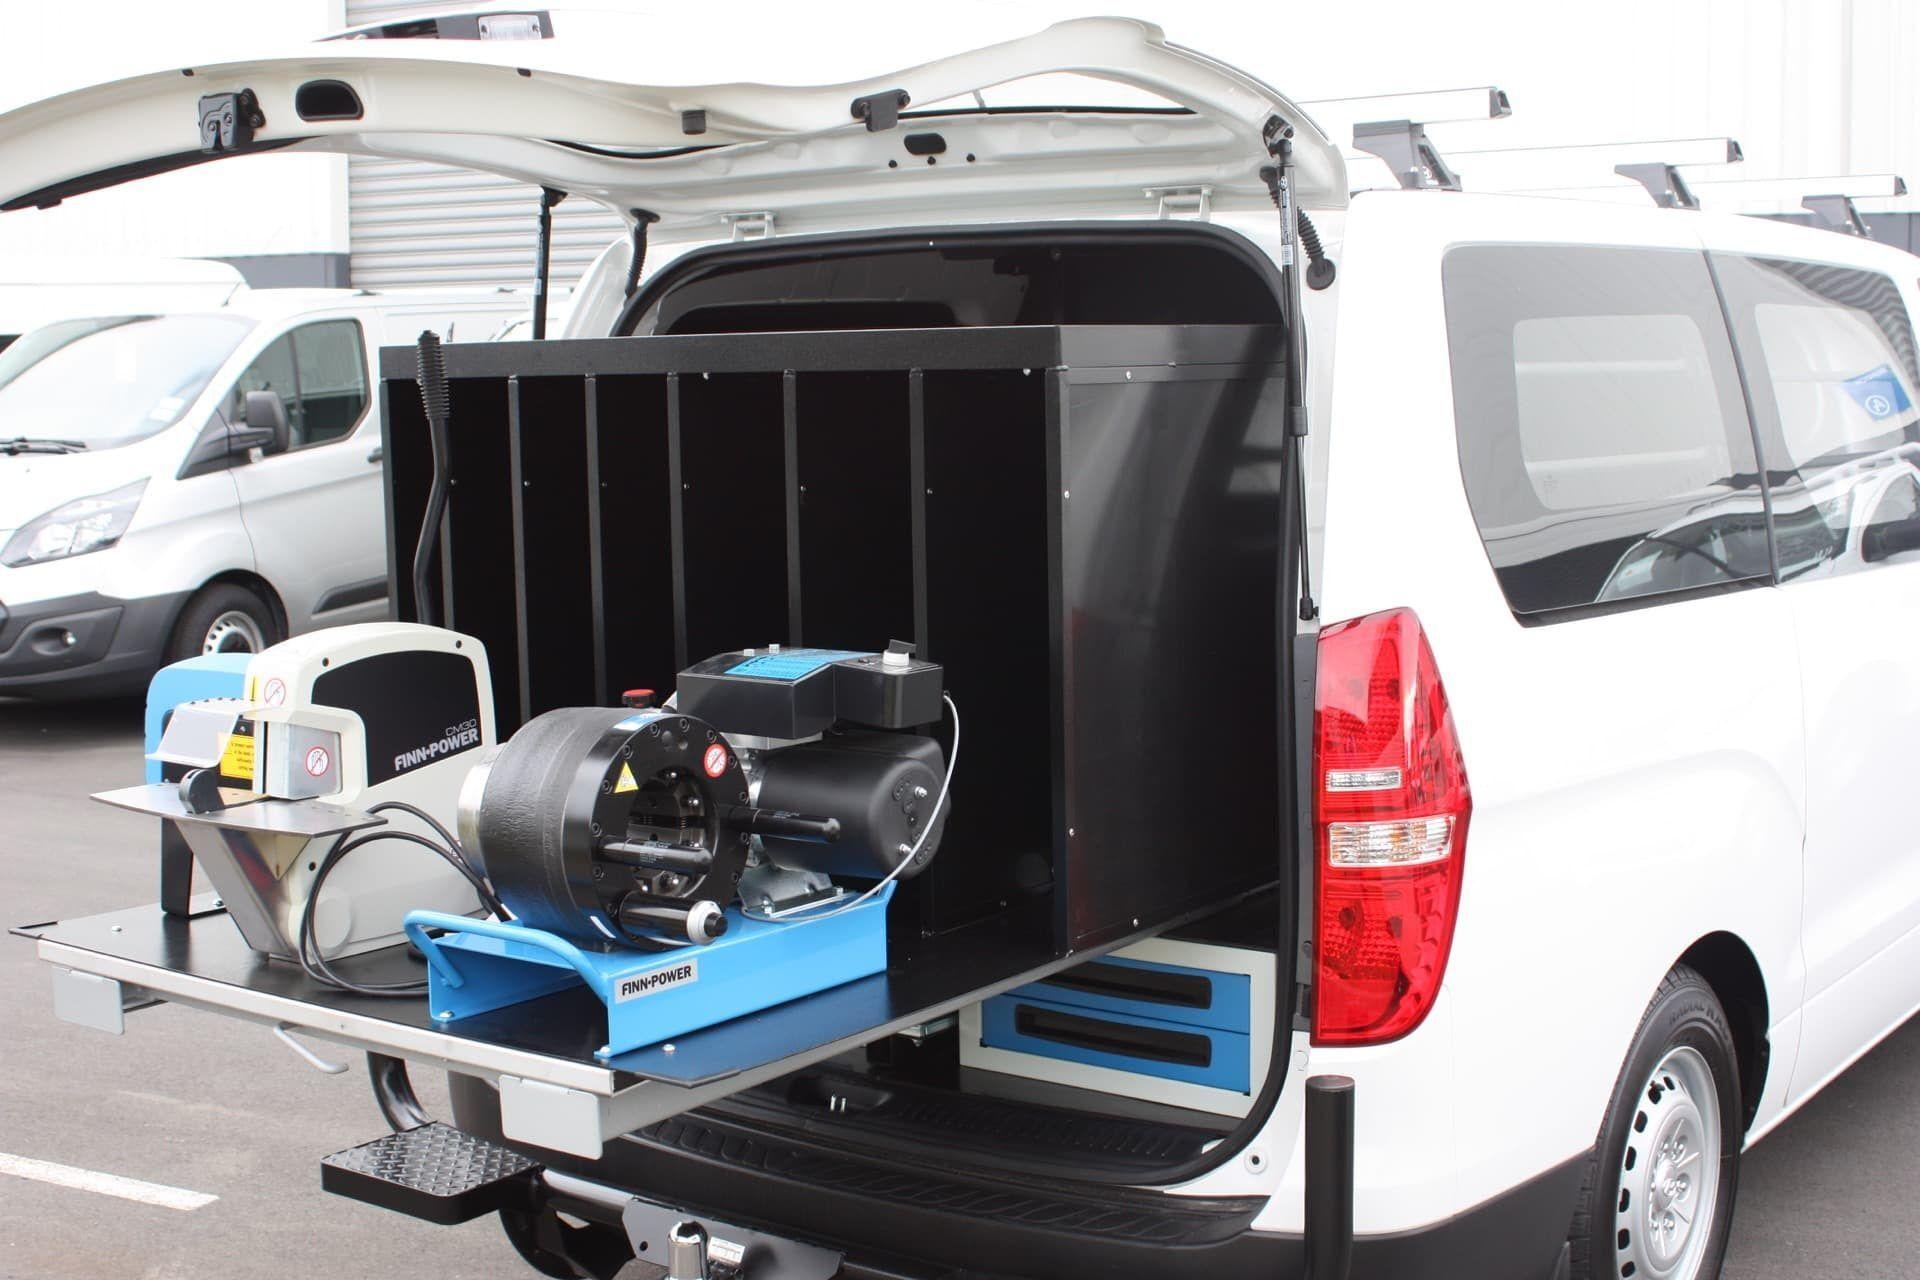 Custom design van with power tool dock